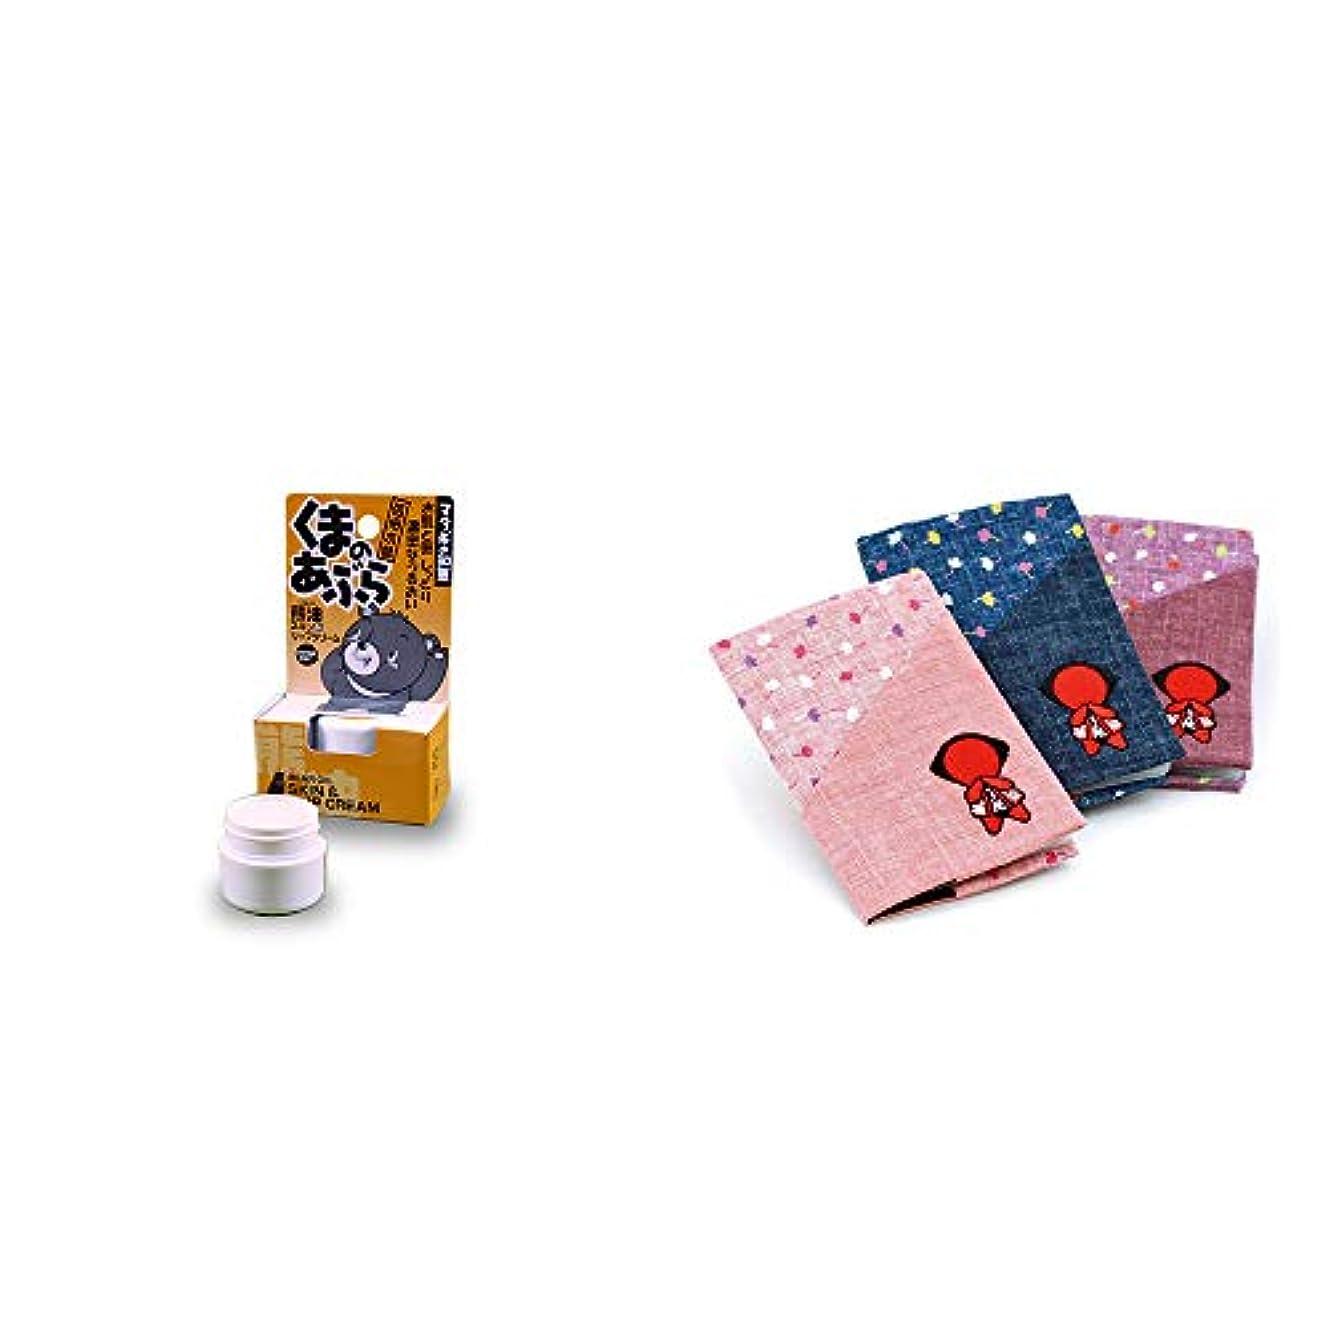 背景スクラッチ毒性[2点セット] 信州木曽 くまのあぶら 熊油スキン&リップクリーム(9g)?おねがいさるぼぼ カードケース【ピンク】